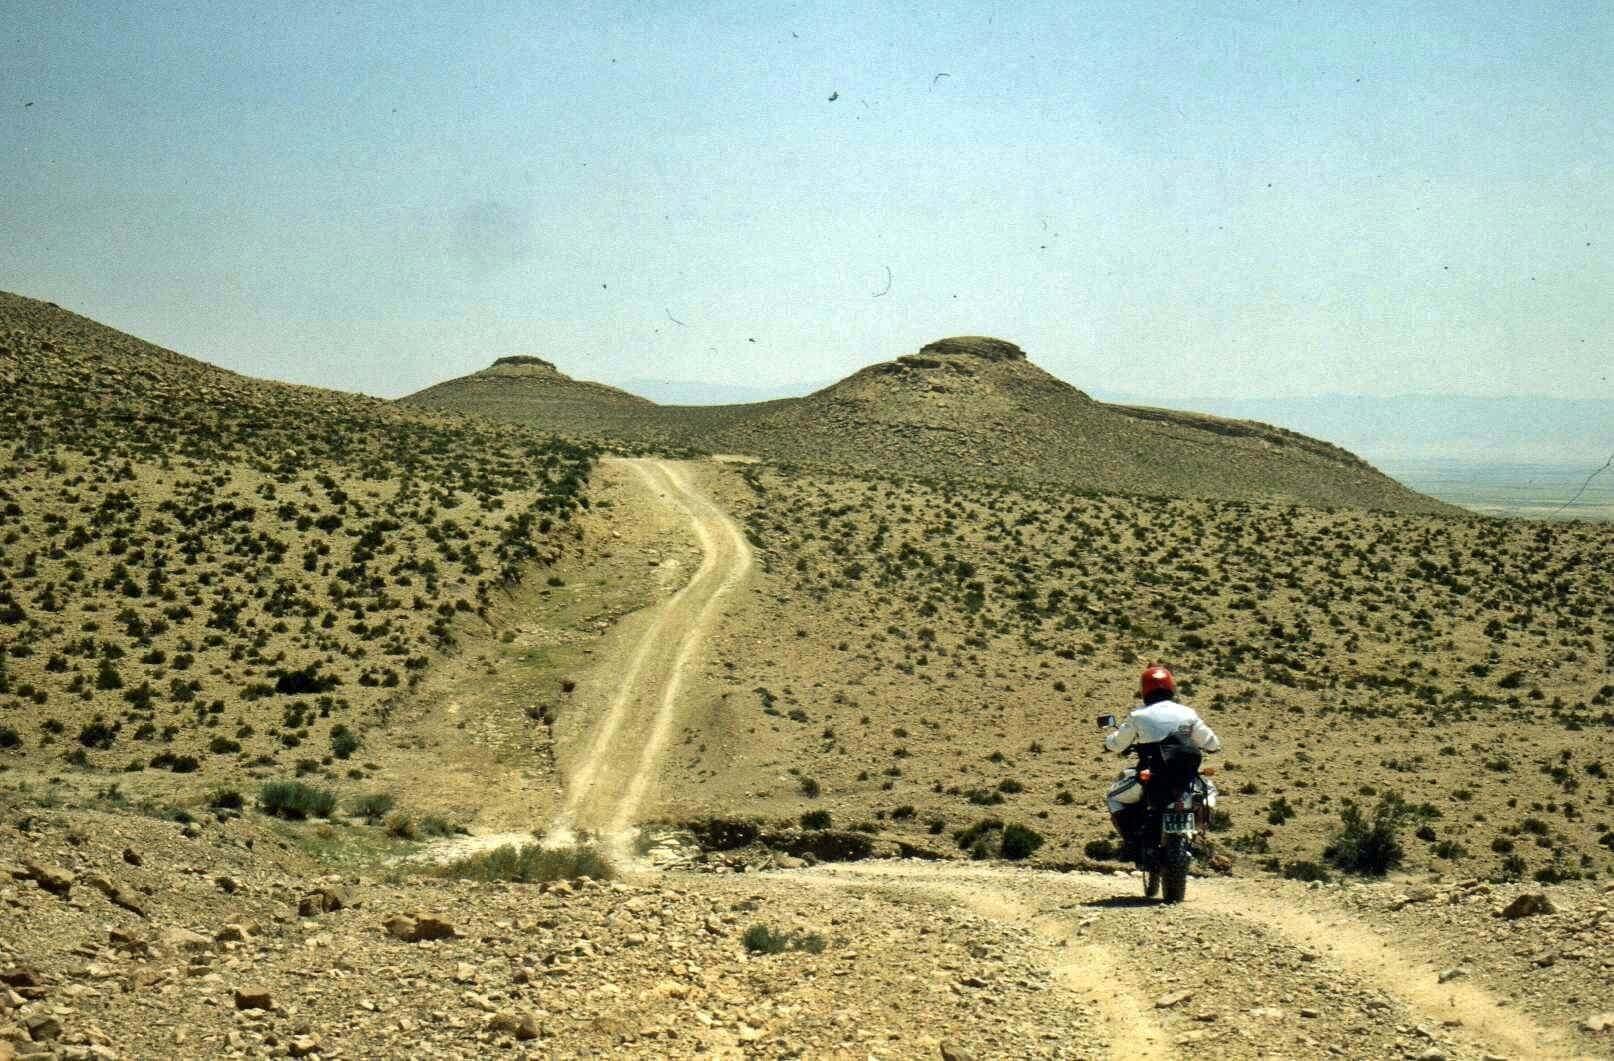 Raid moto 4x4 Tunisie Wild Spot El Kef Chebika - région de Khangette Slougui frontière algérienne